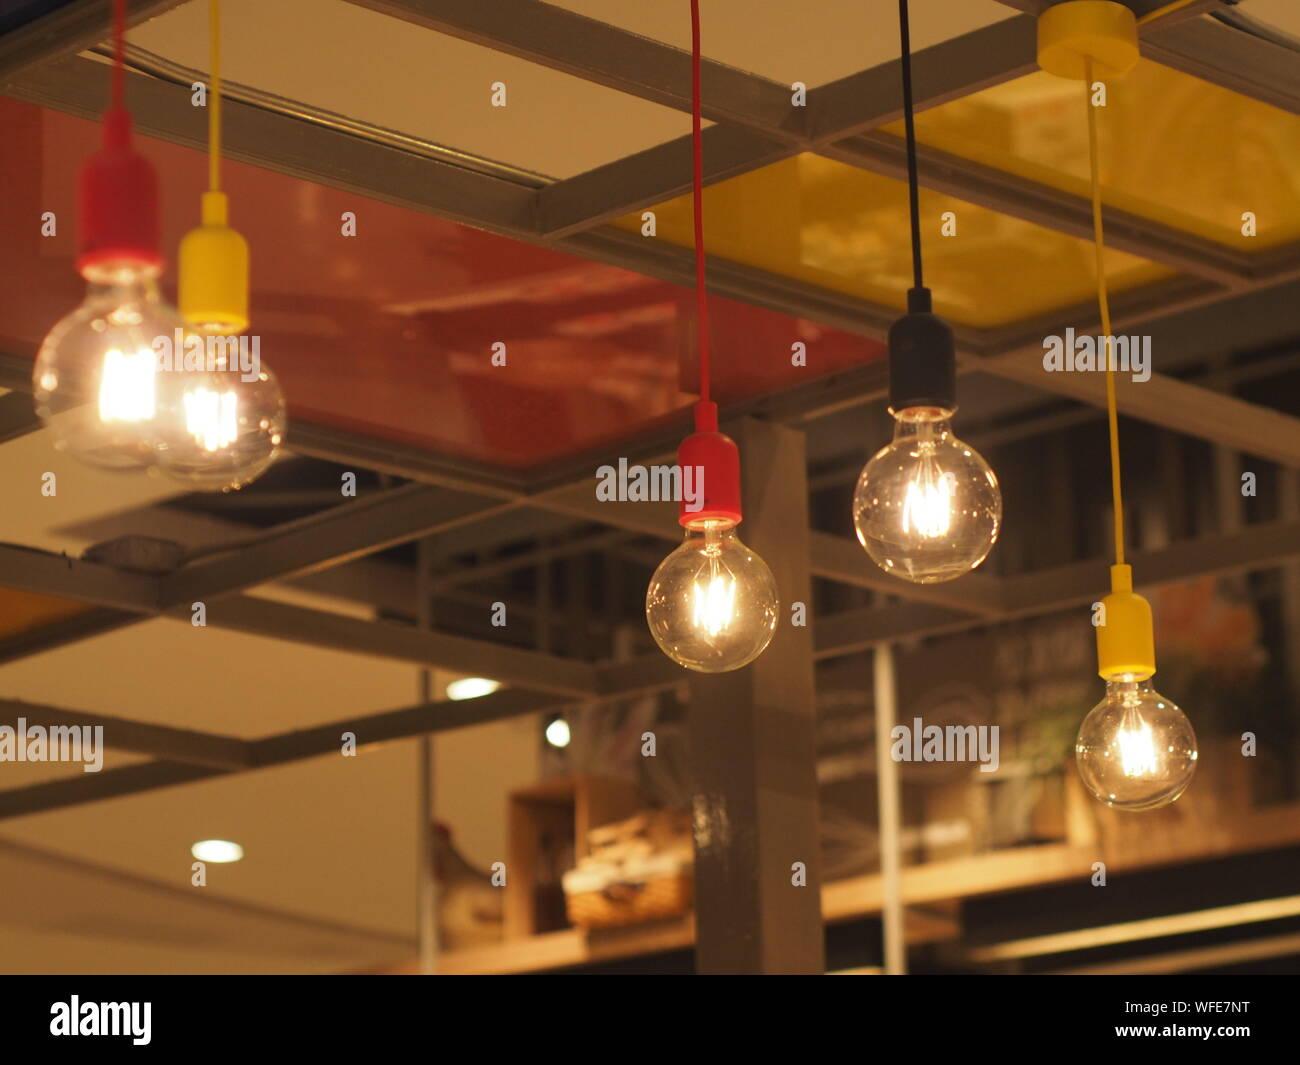 Ampoules lumineux suspendus dans Cafe Banque D'Images